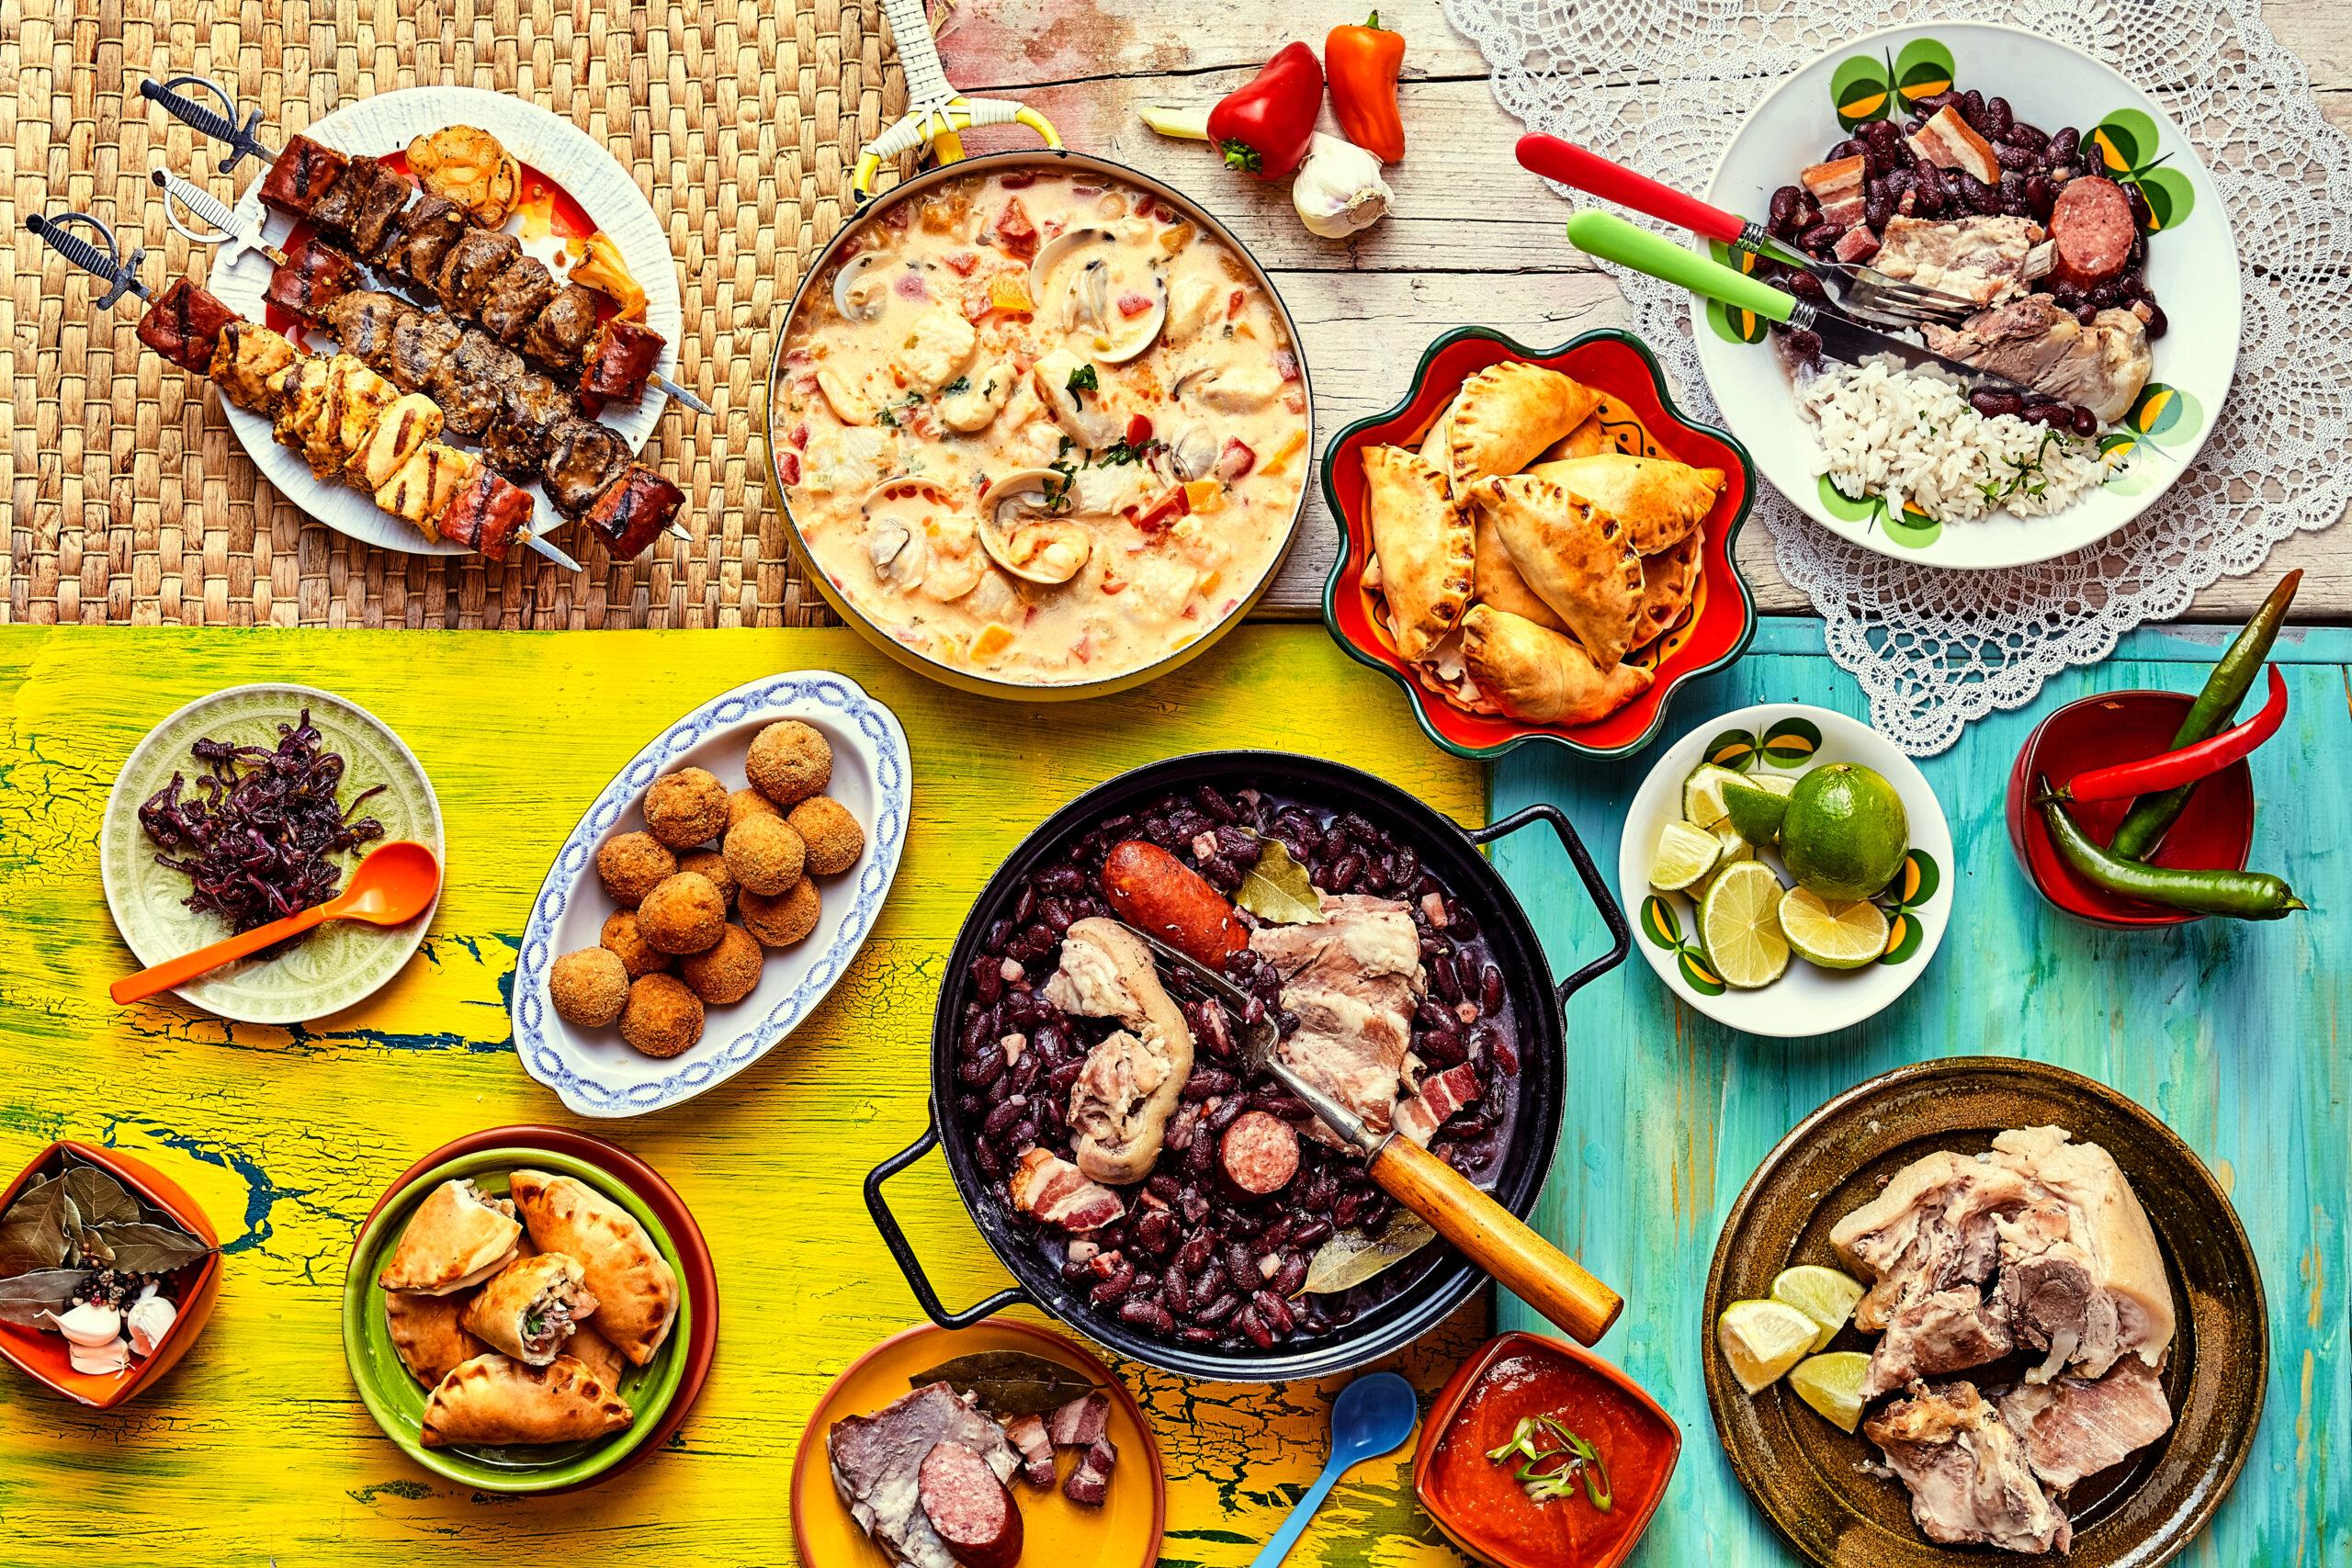 Magical Dining Month menus